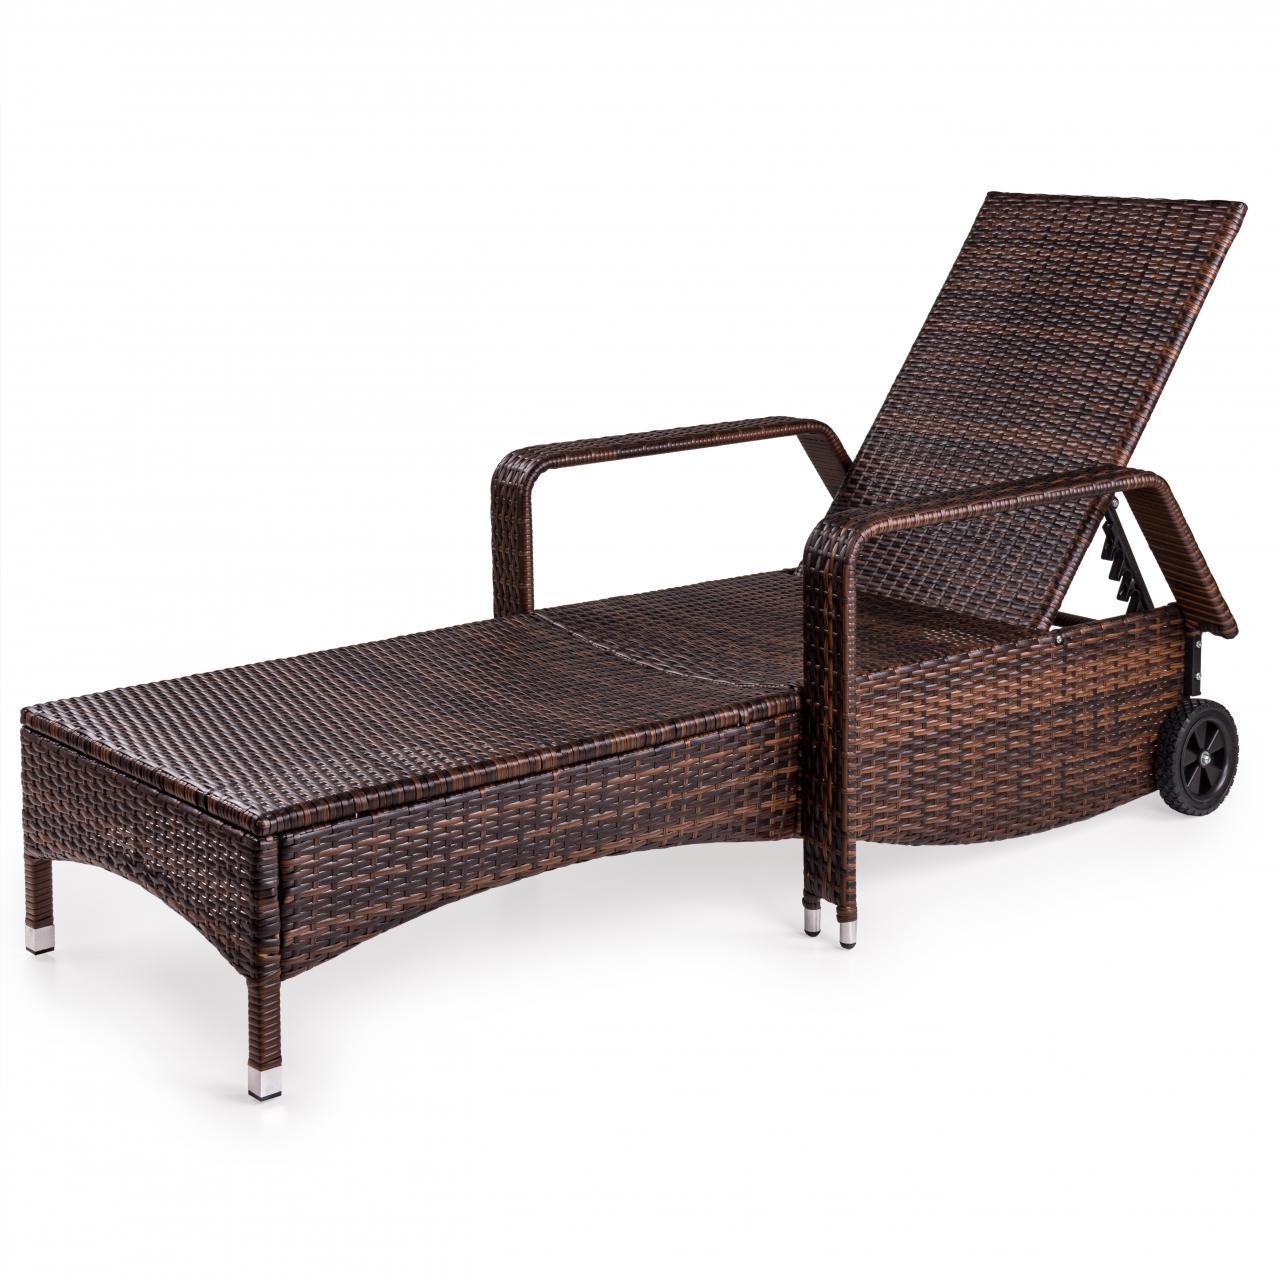 polyrattan sonnenliege gartenliege rattan garten liege rattanm bel gartenm bel. Black Bedroom Furniture Sets. Home Design Ideas